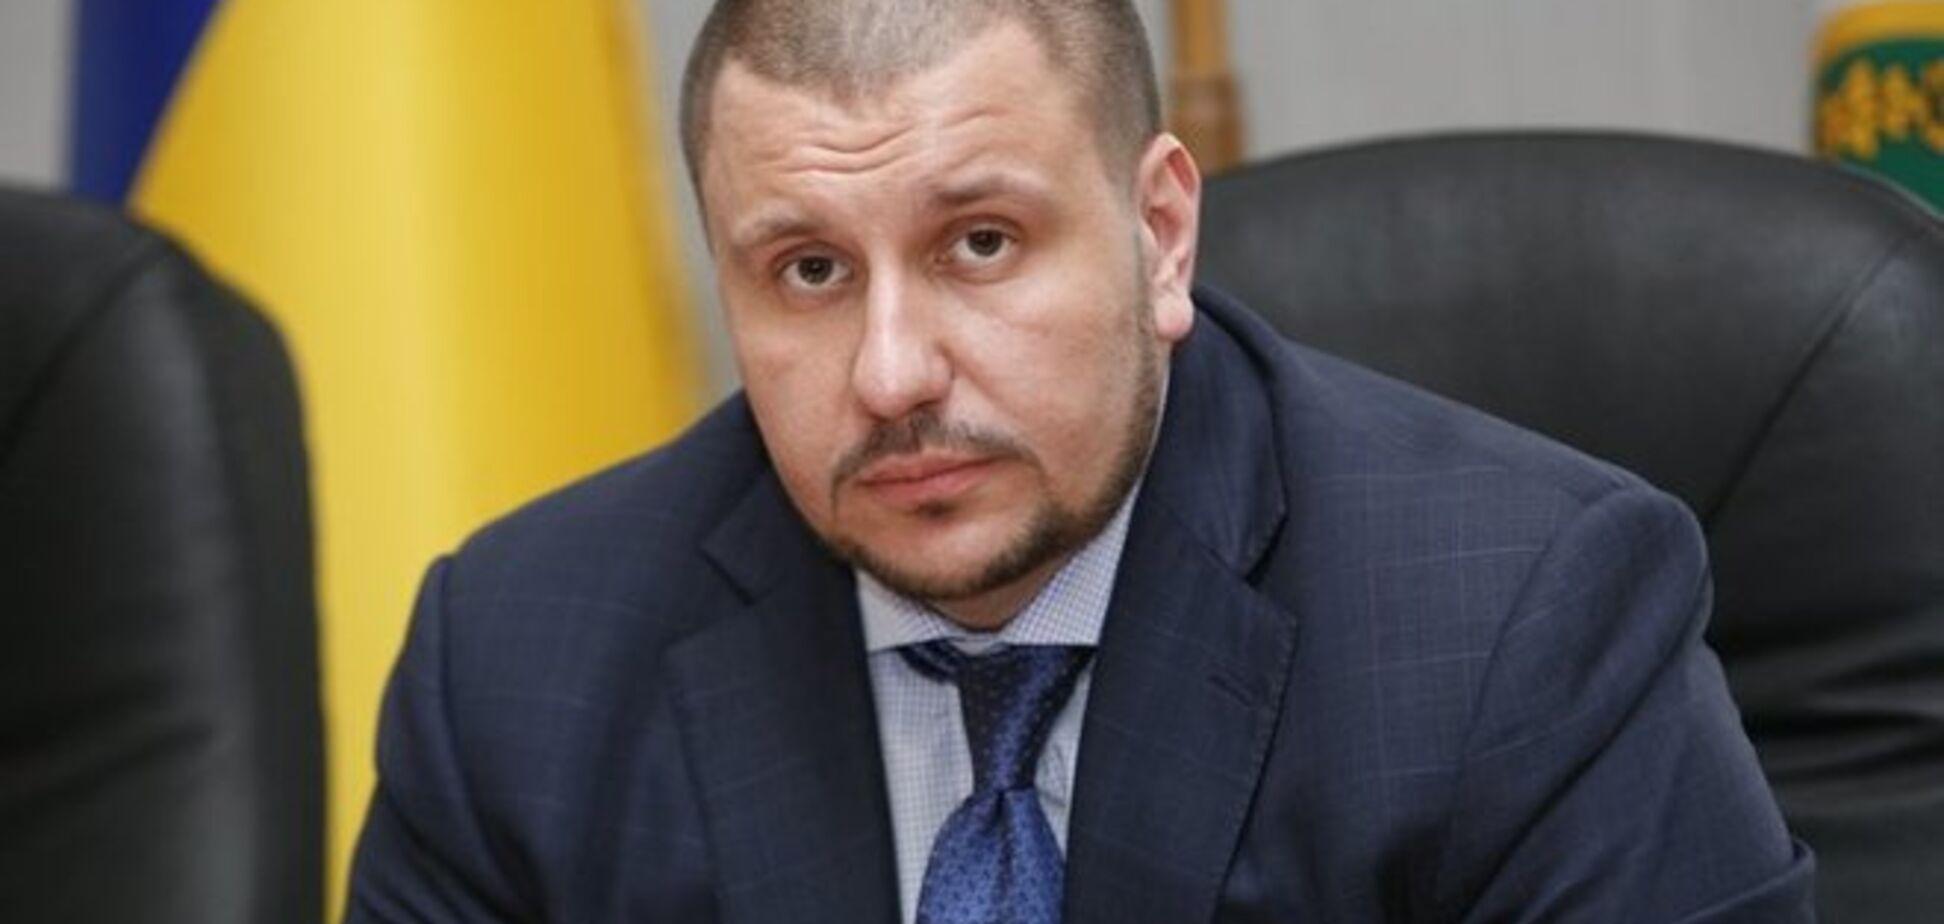 Клименко посоветовал Яценюку пресечь зарплату в 'конвертах' для наполнения Госбюджета